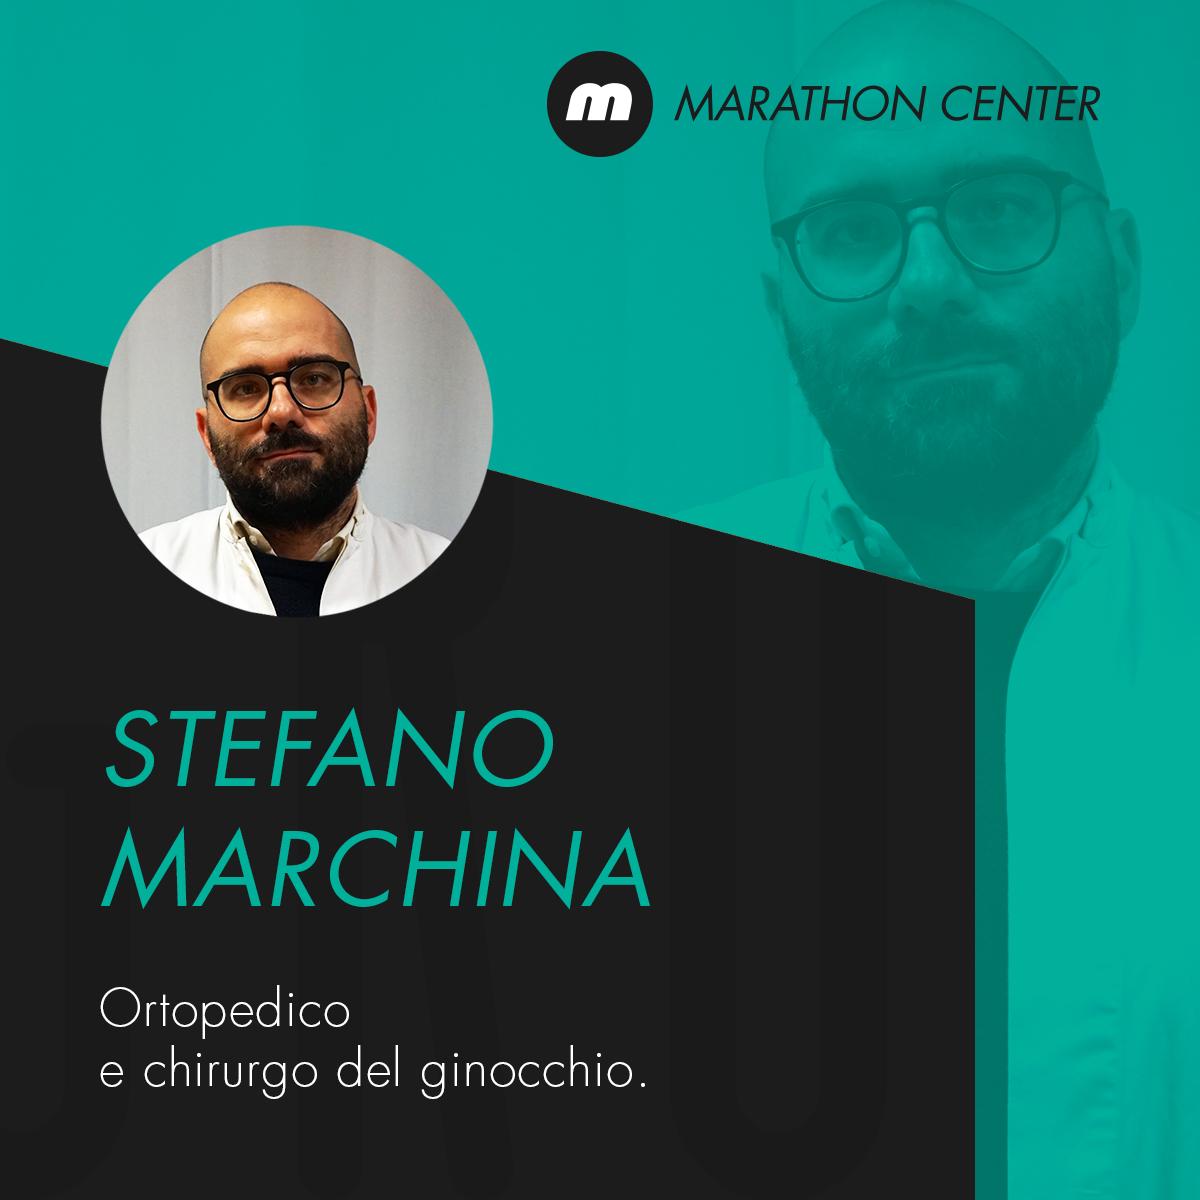 ortopedico-marathon-medical-center-brescia